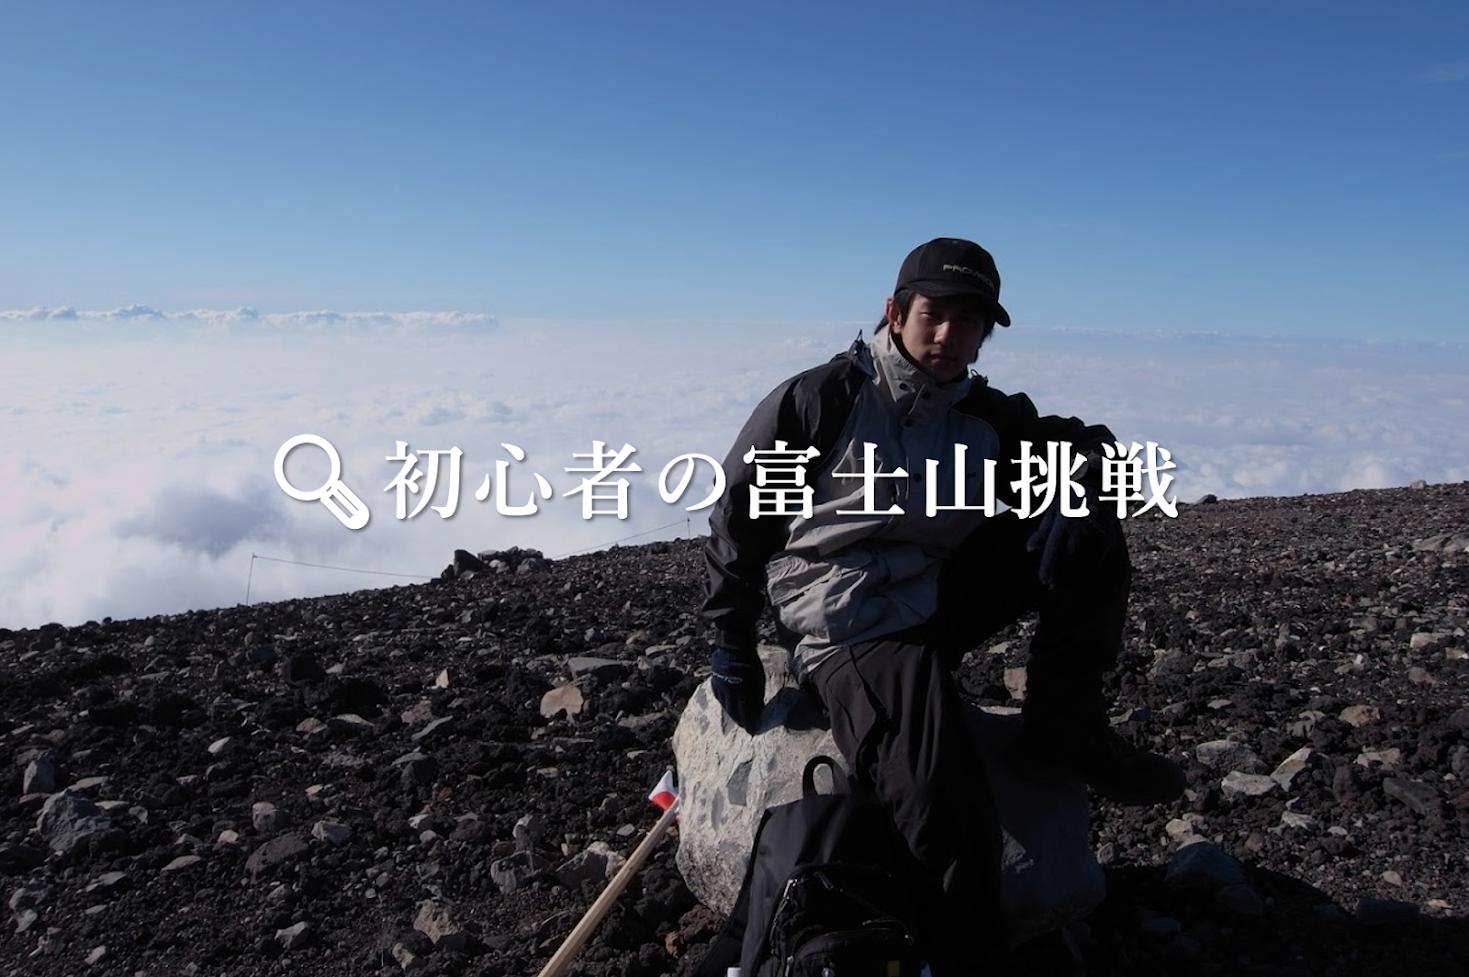 登山初心者でも富士山に登れるの?~富士山登山で知っておくべき注意事項~